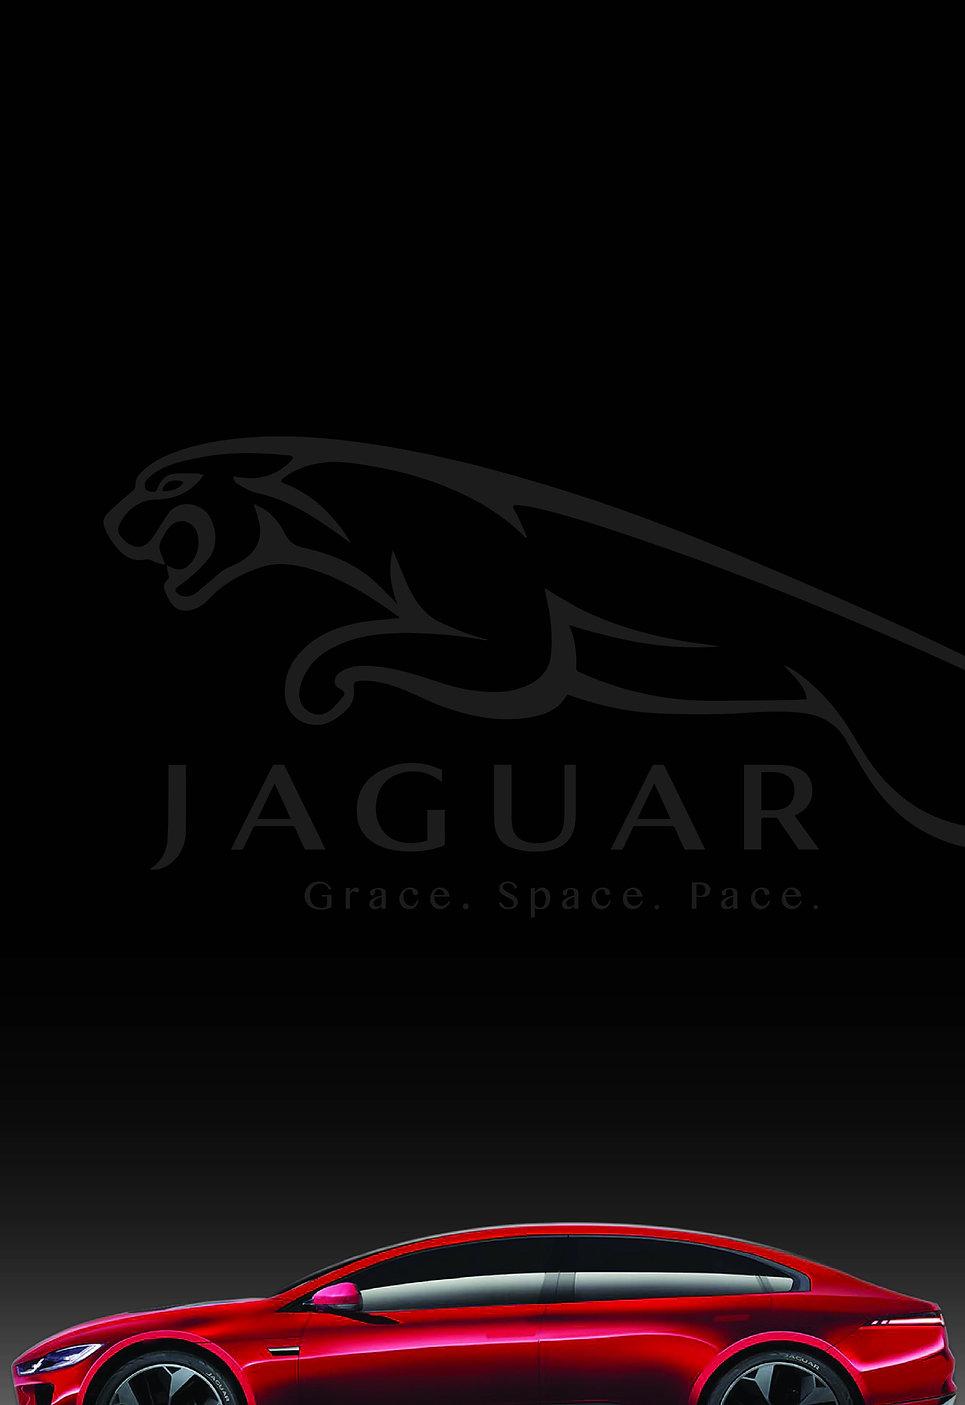 jaguar-ad-05.jpg